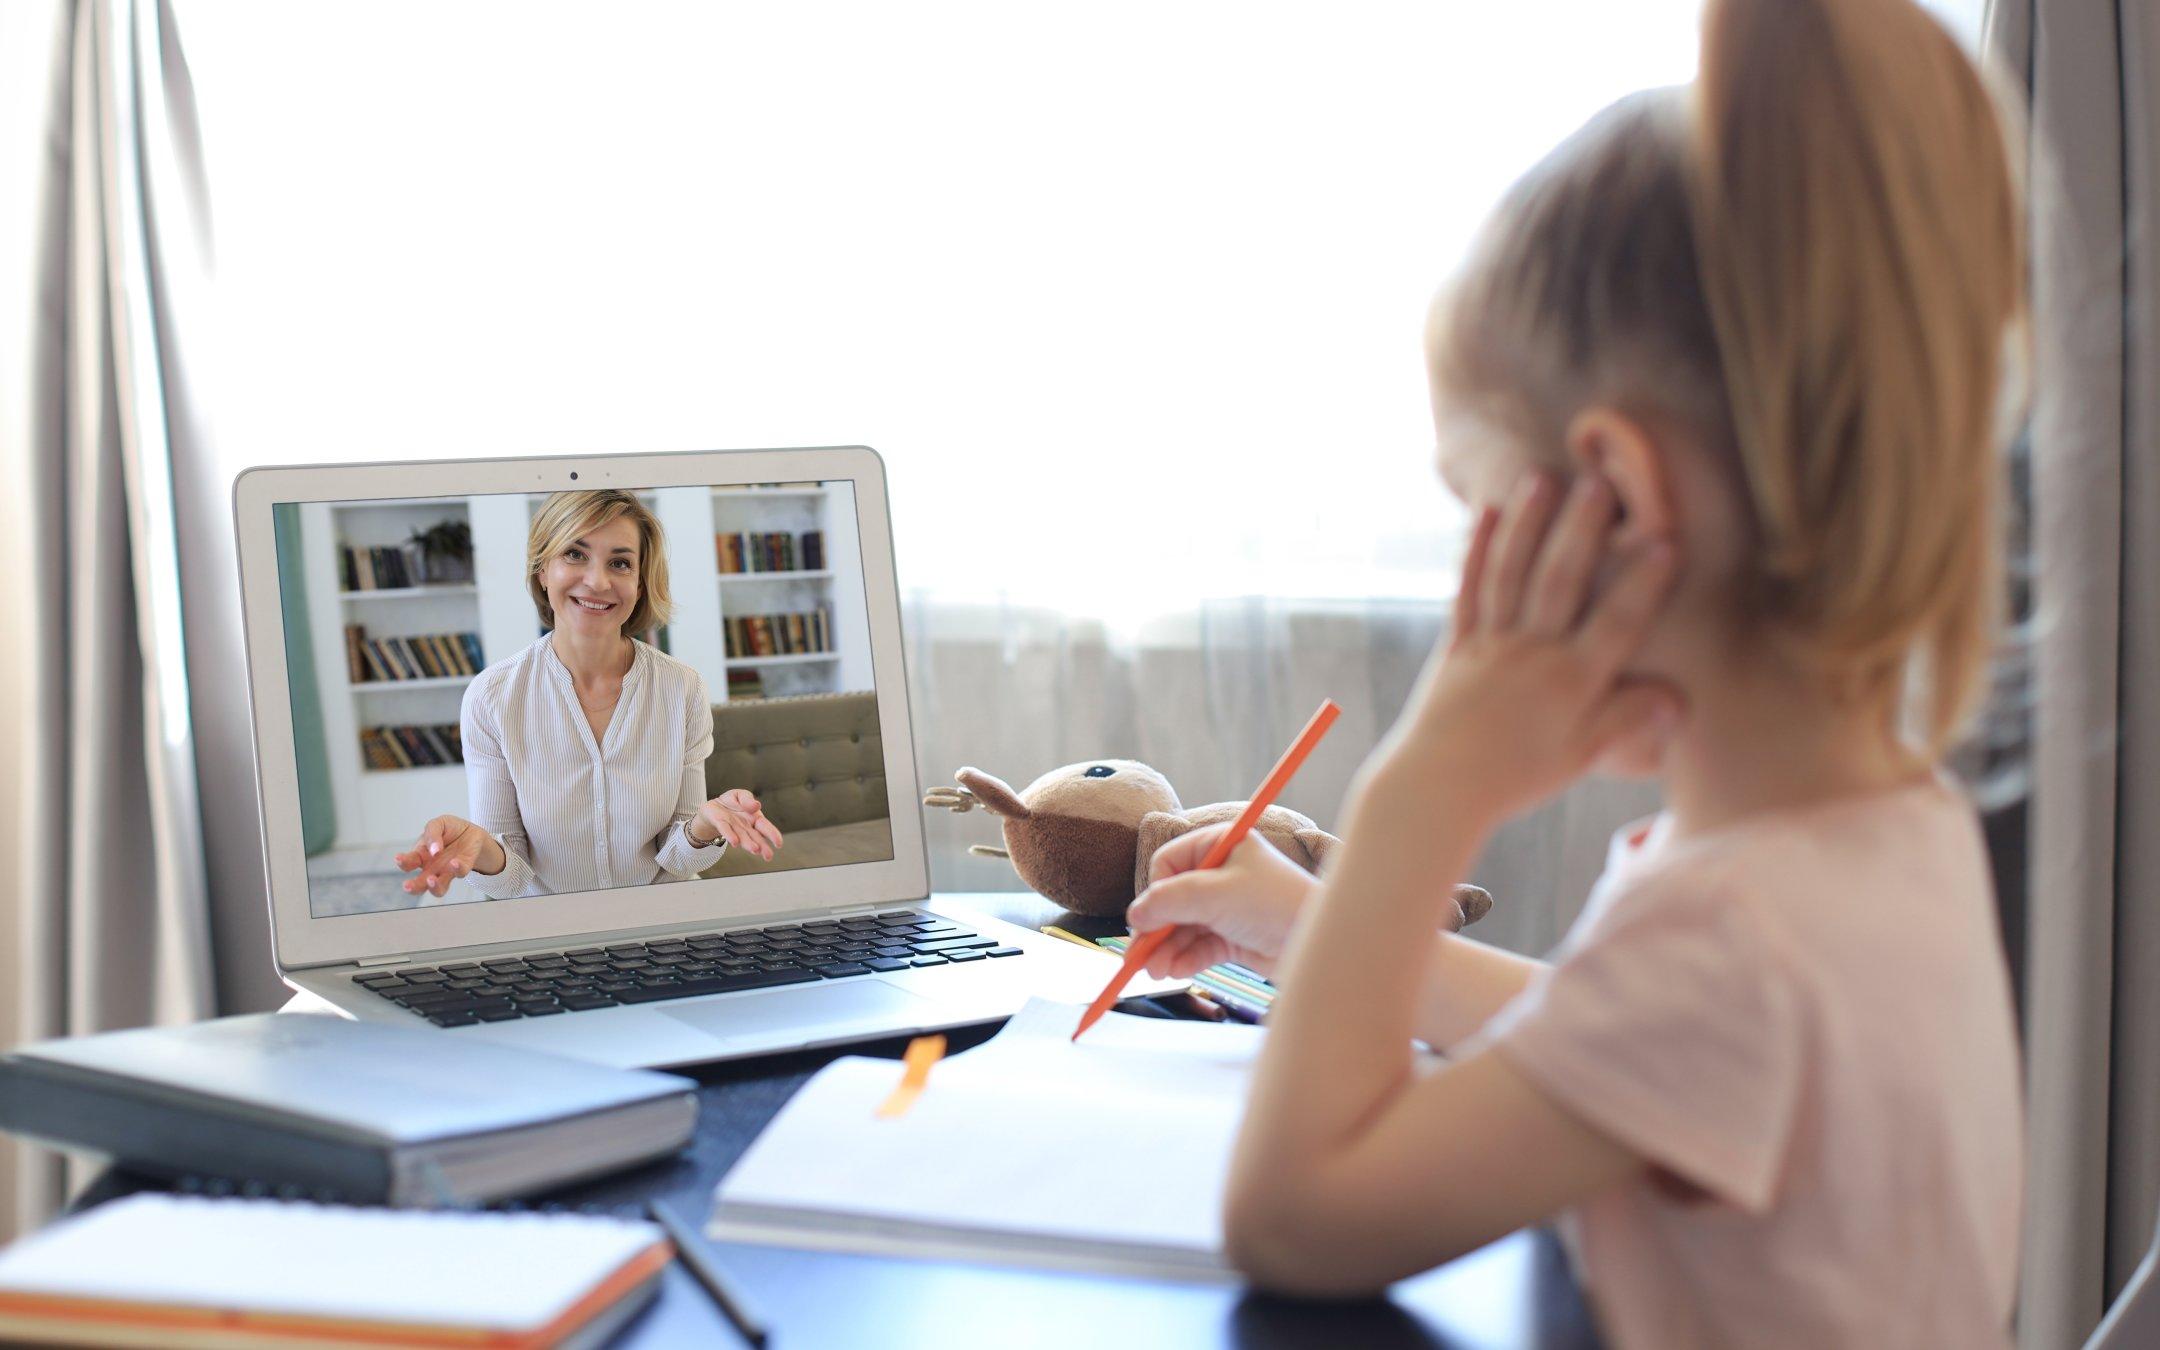 Girl watching teacher on laptop screen